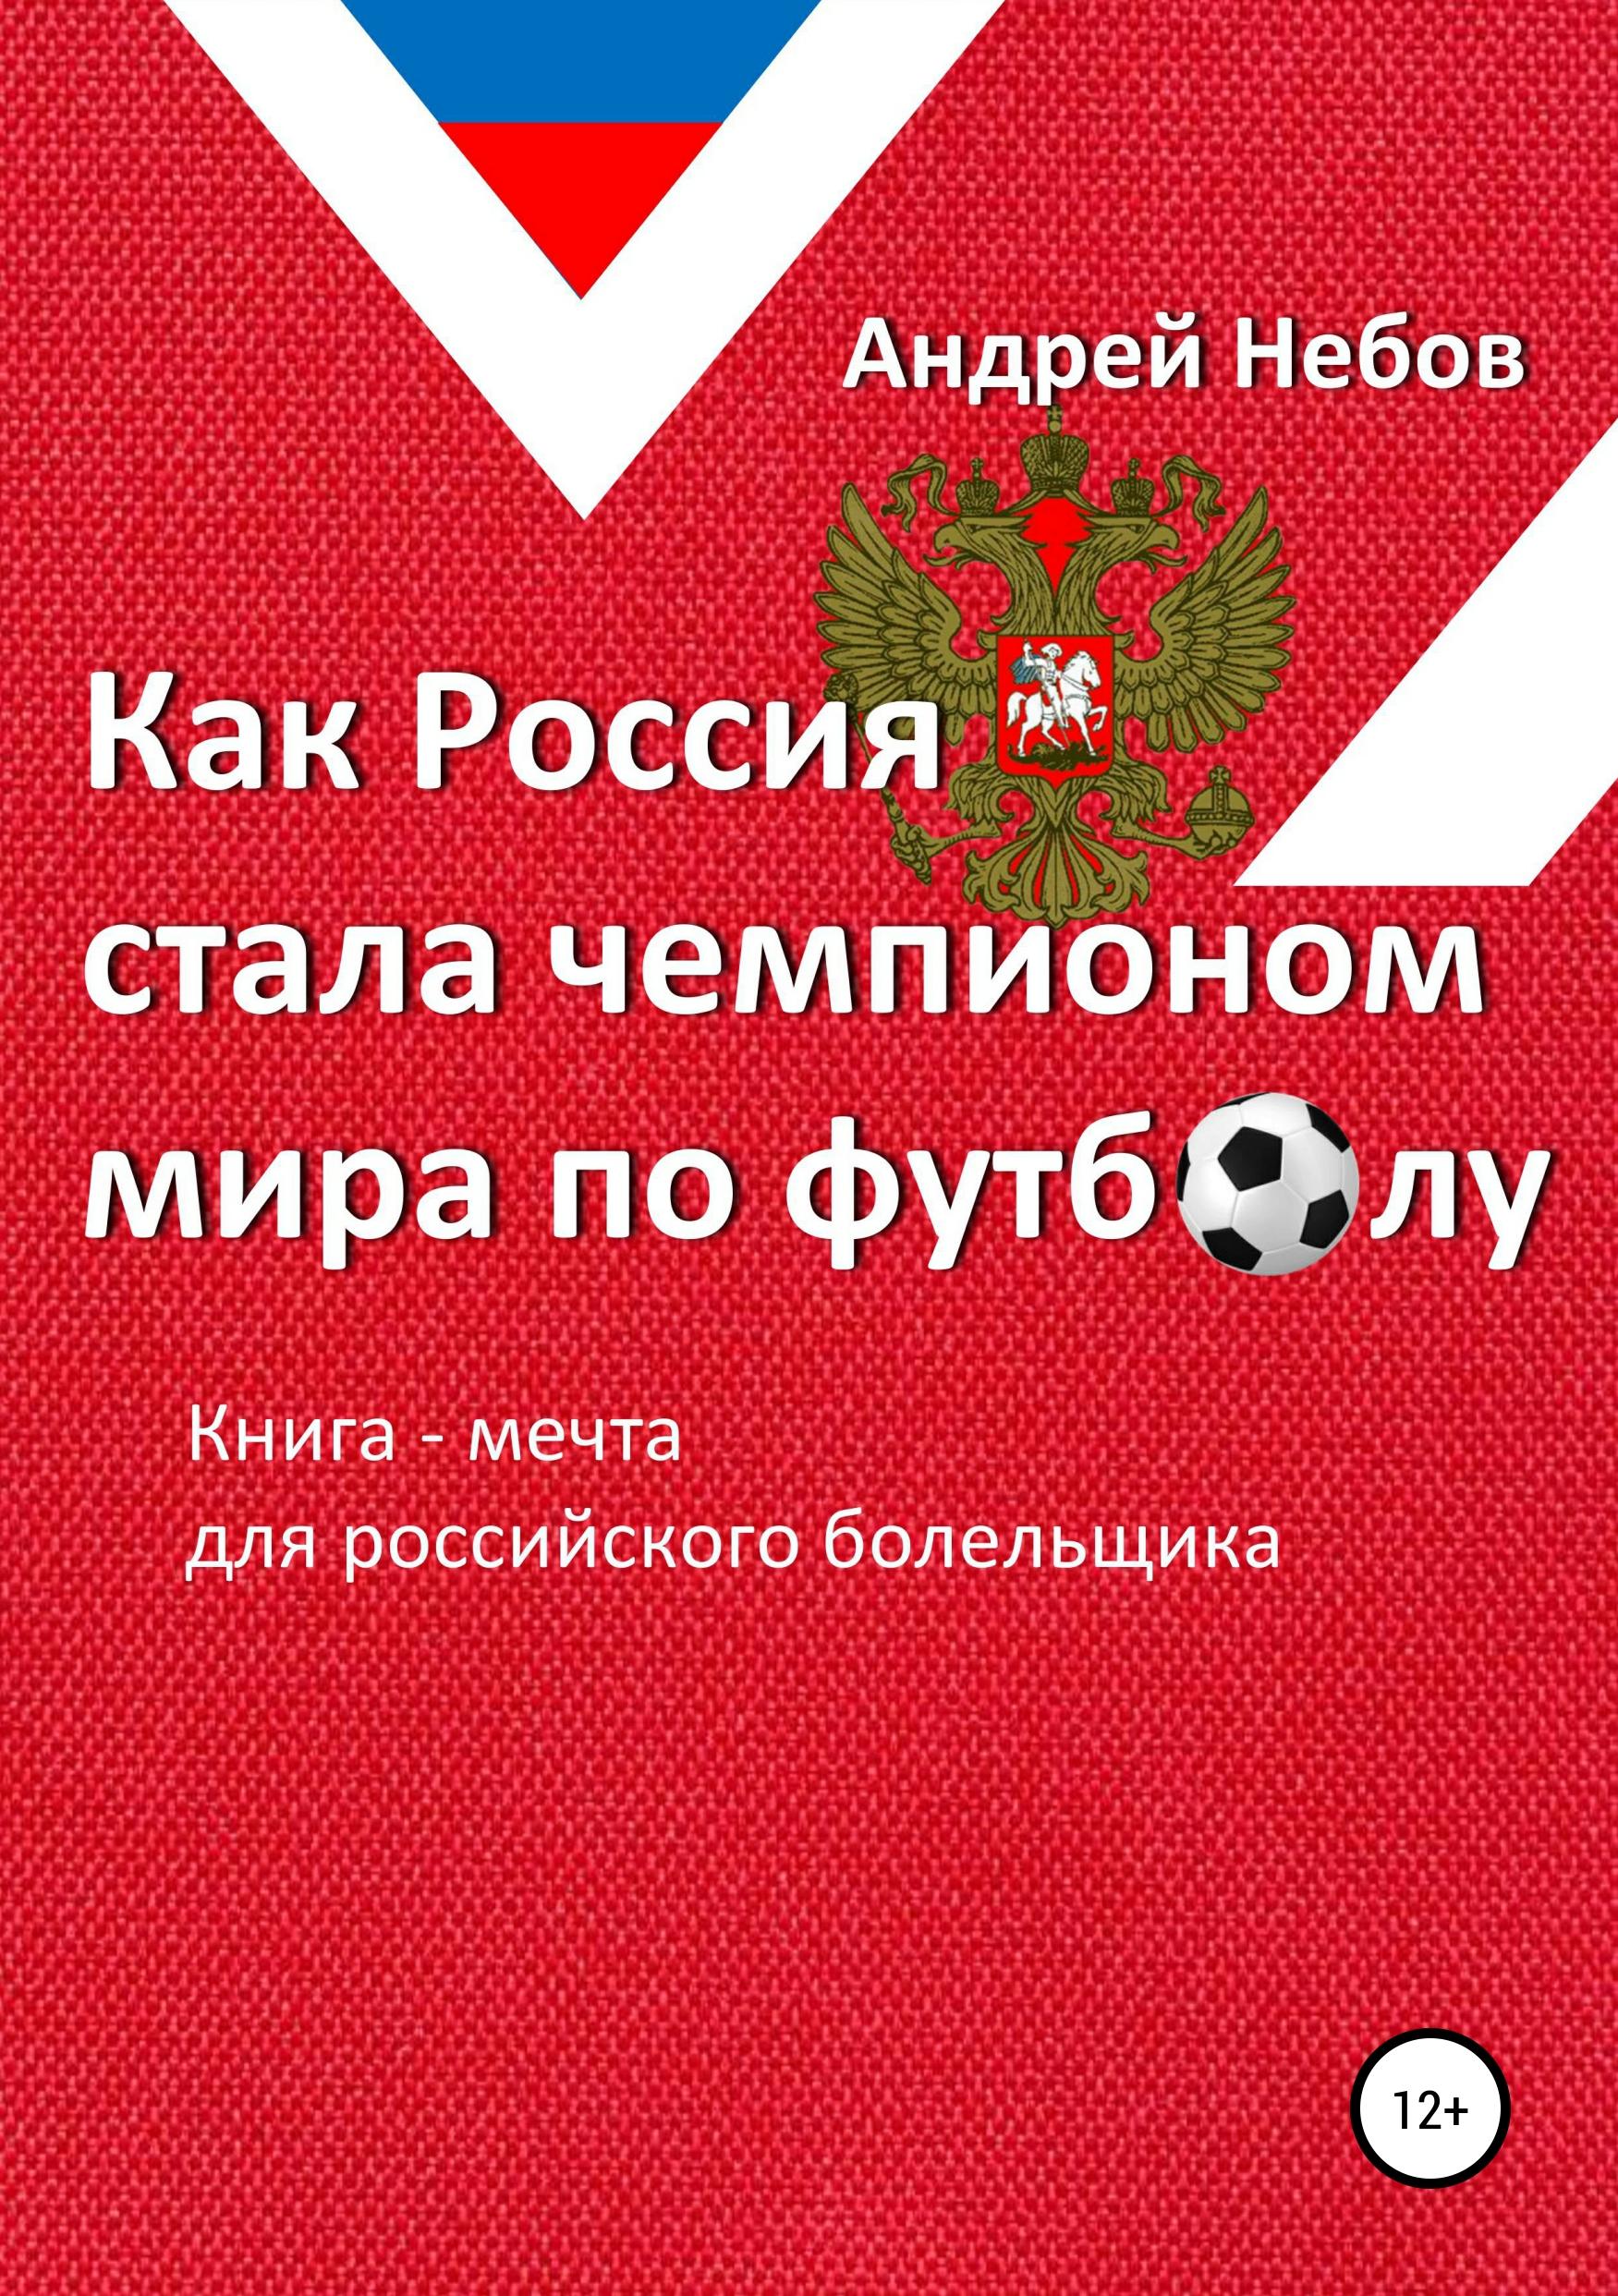 Как Россия стала чемпионом мира по футболу